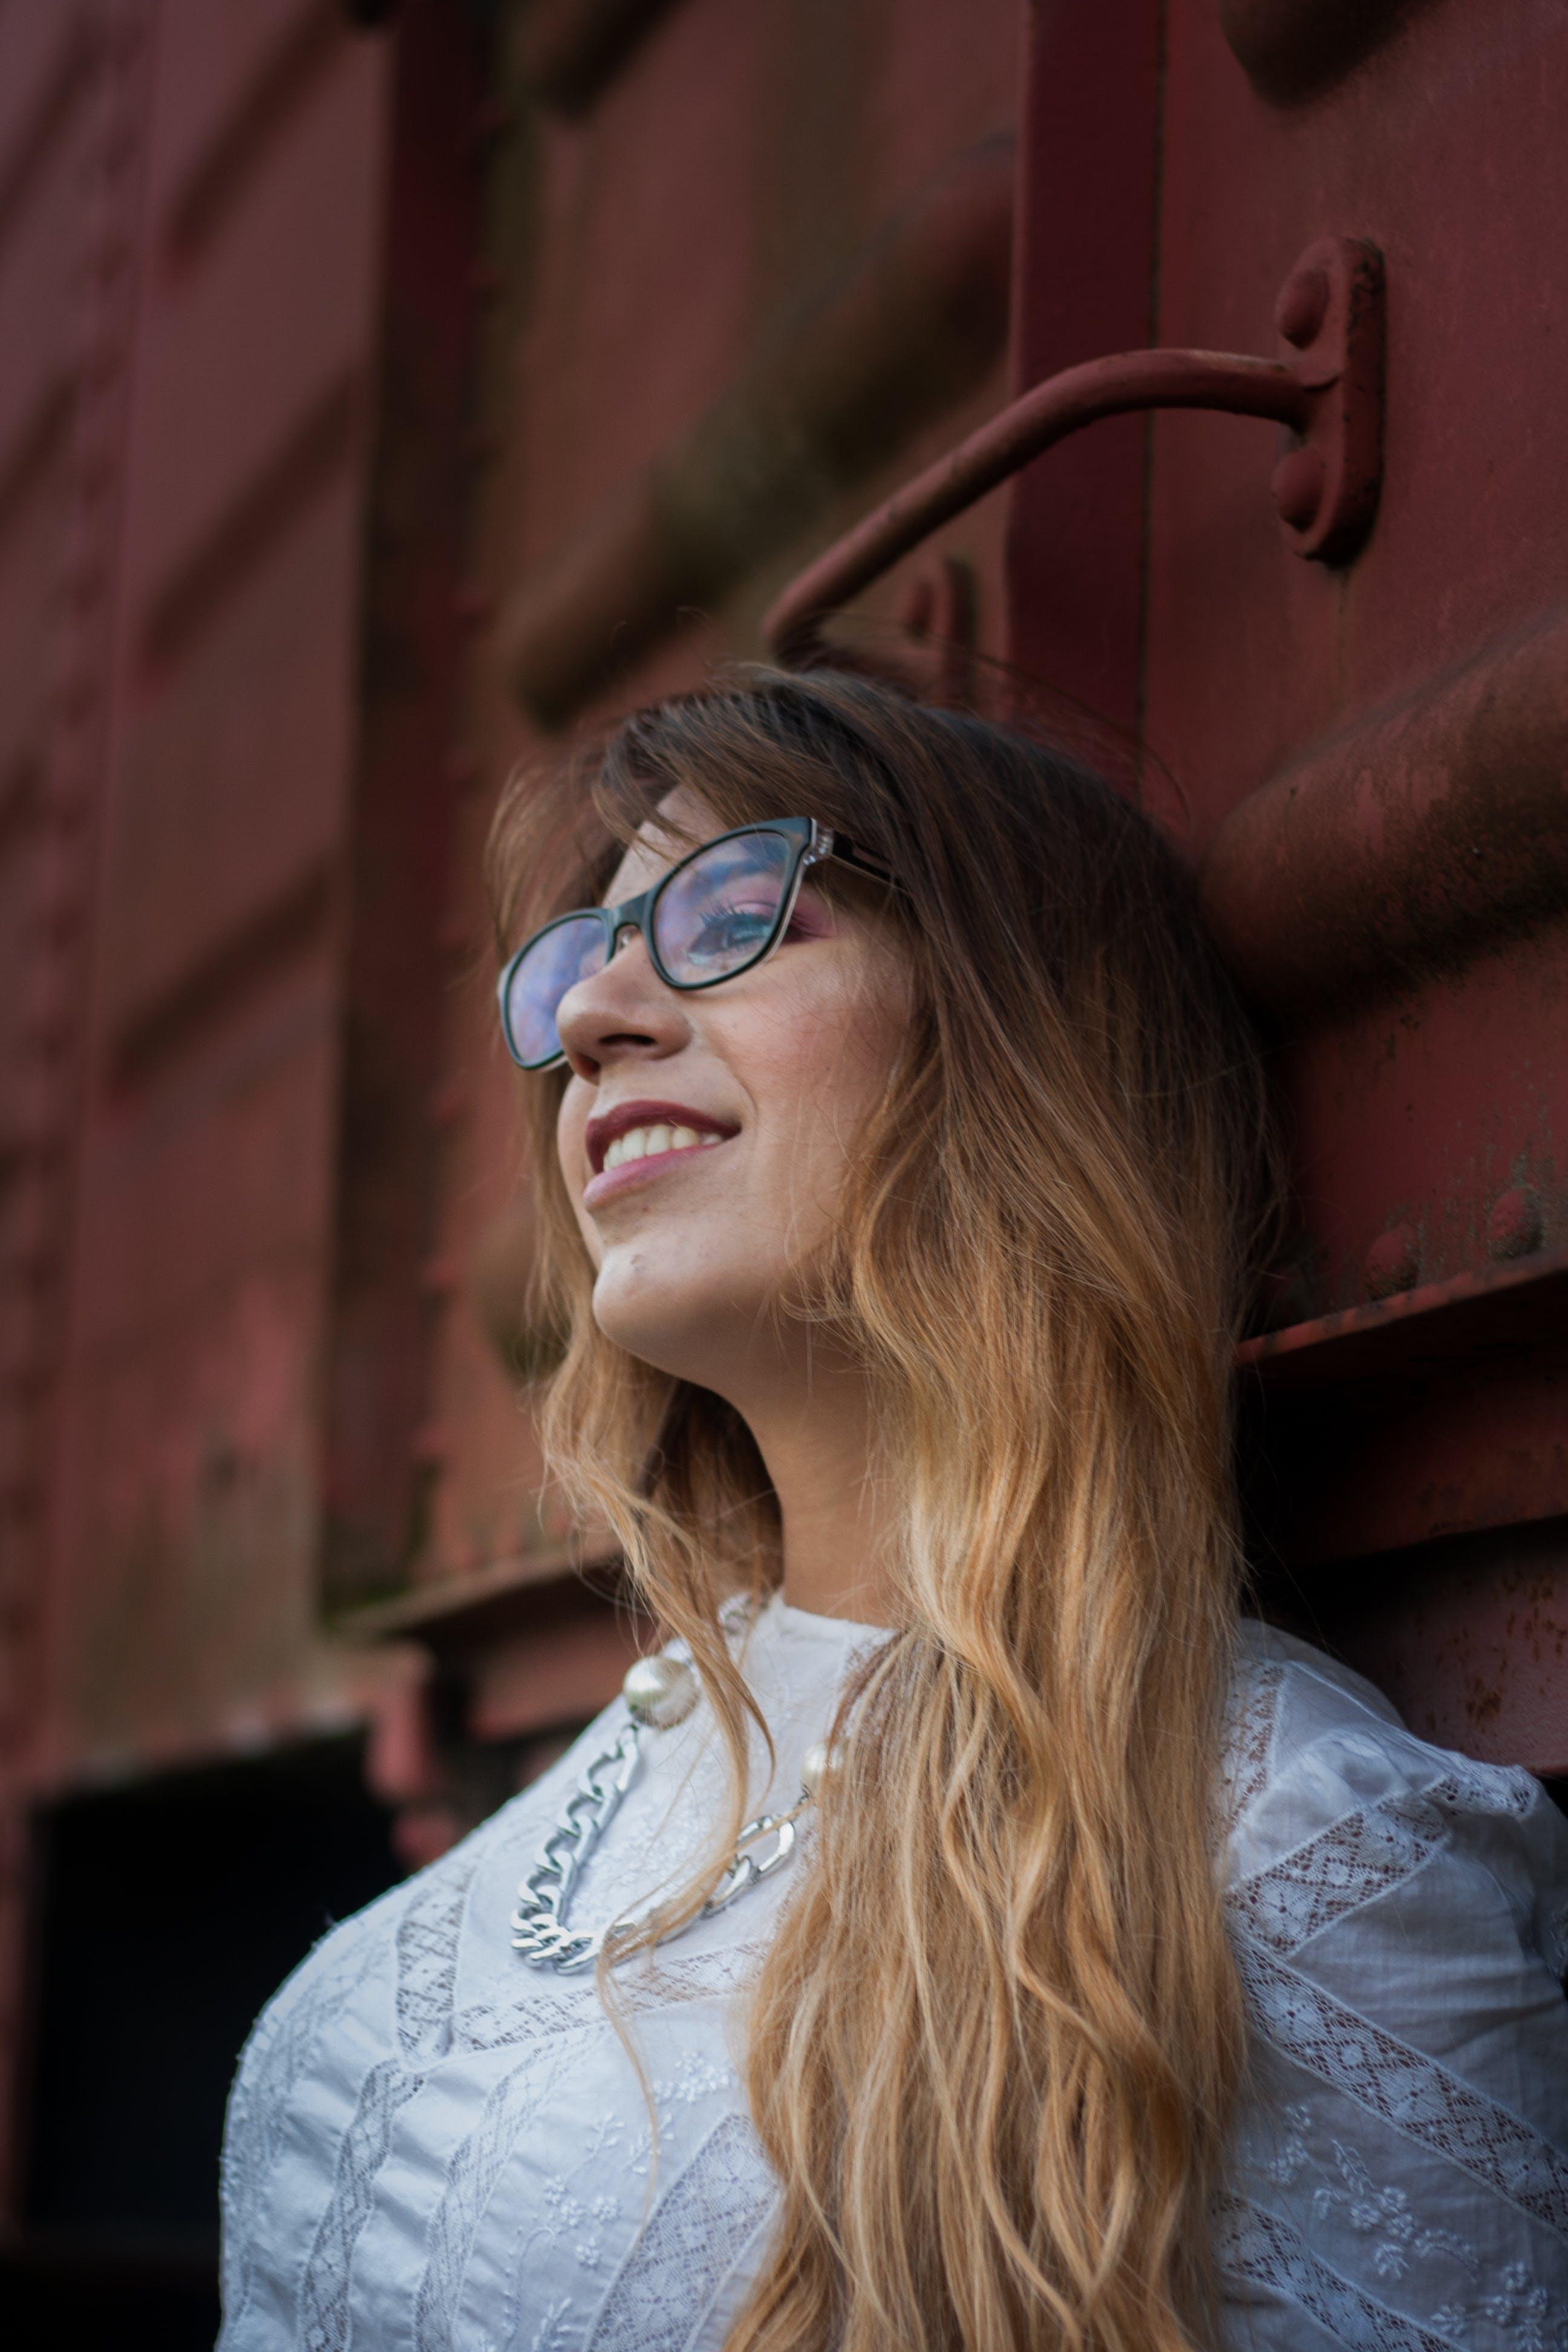 afslappet, attraktiv, briller